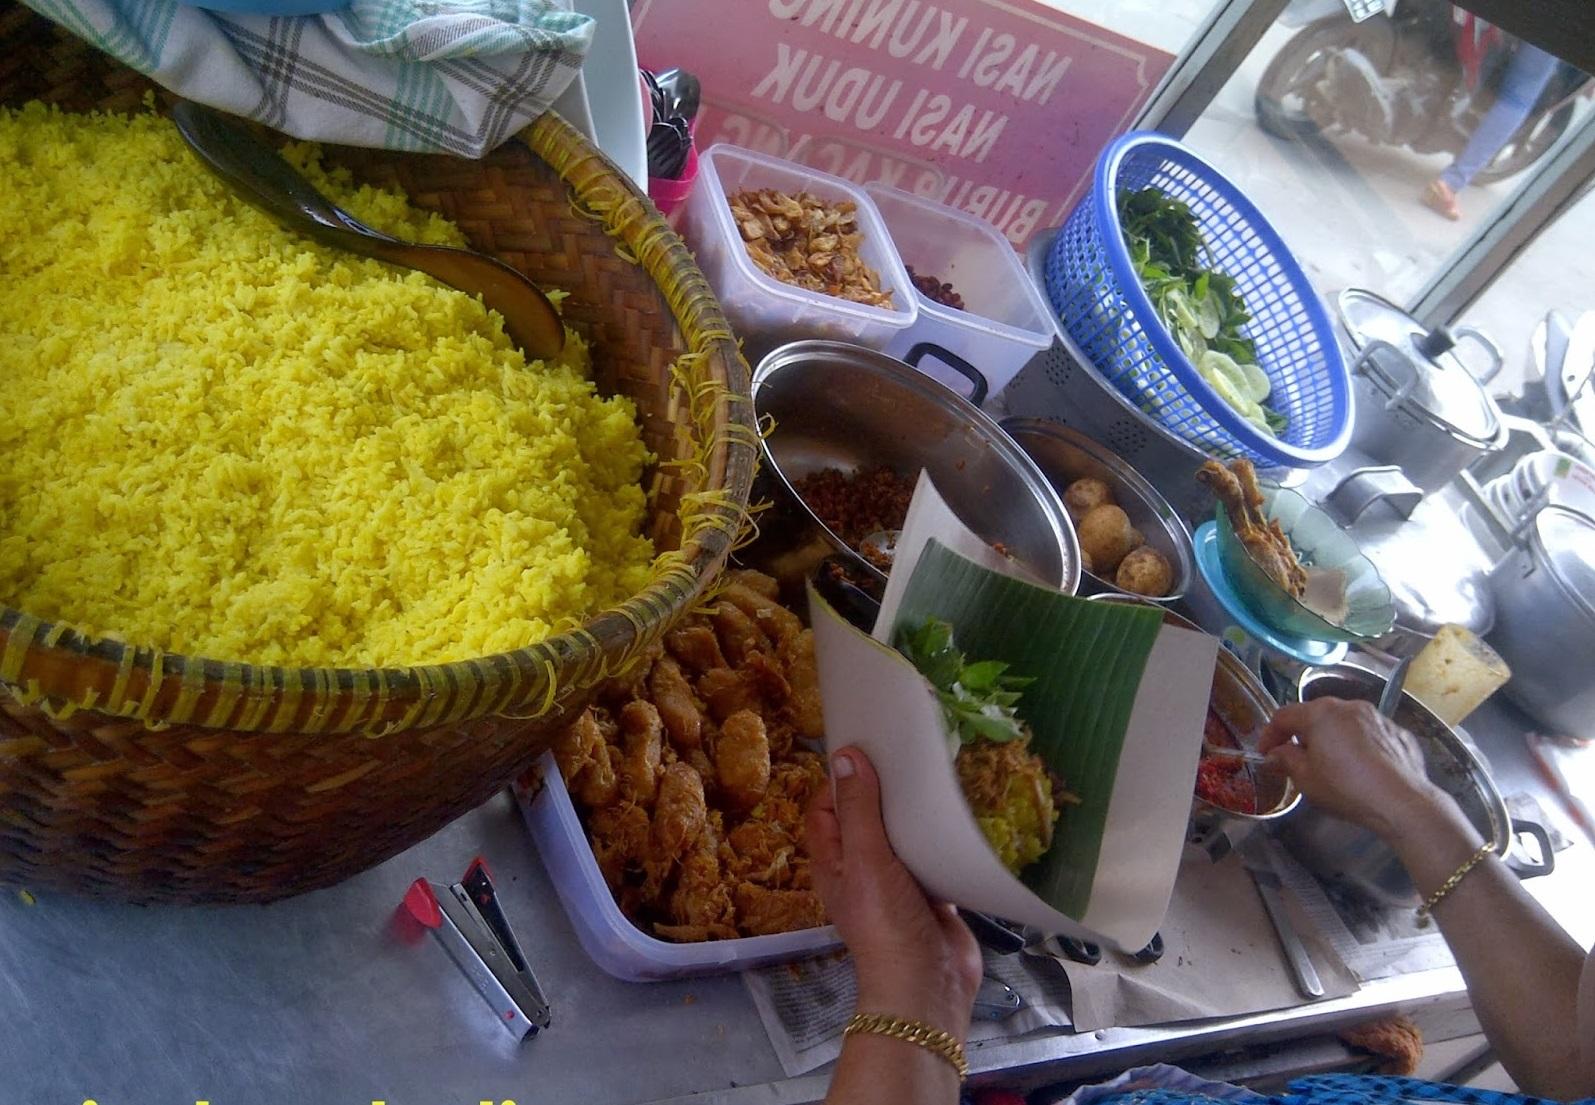 Peluang Bisnis Di Bandung Terbaru Tips Sukses Dan Rincian Modal Menjalankan Bisnis Nasi Kuning